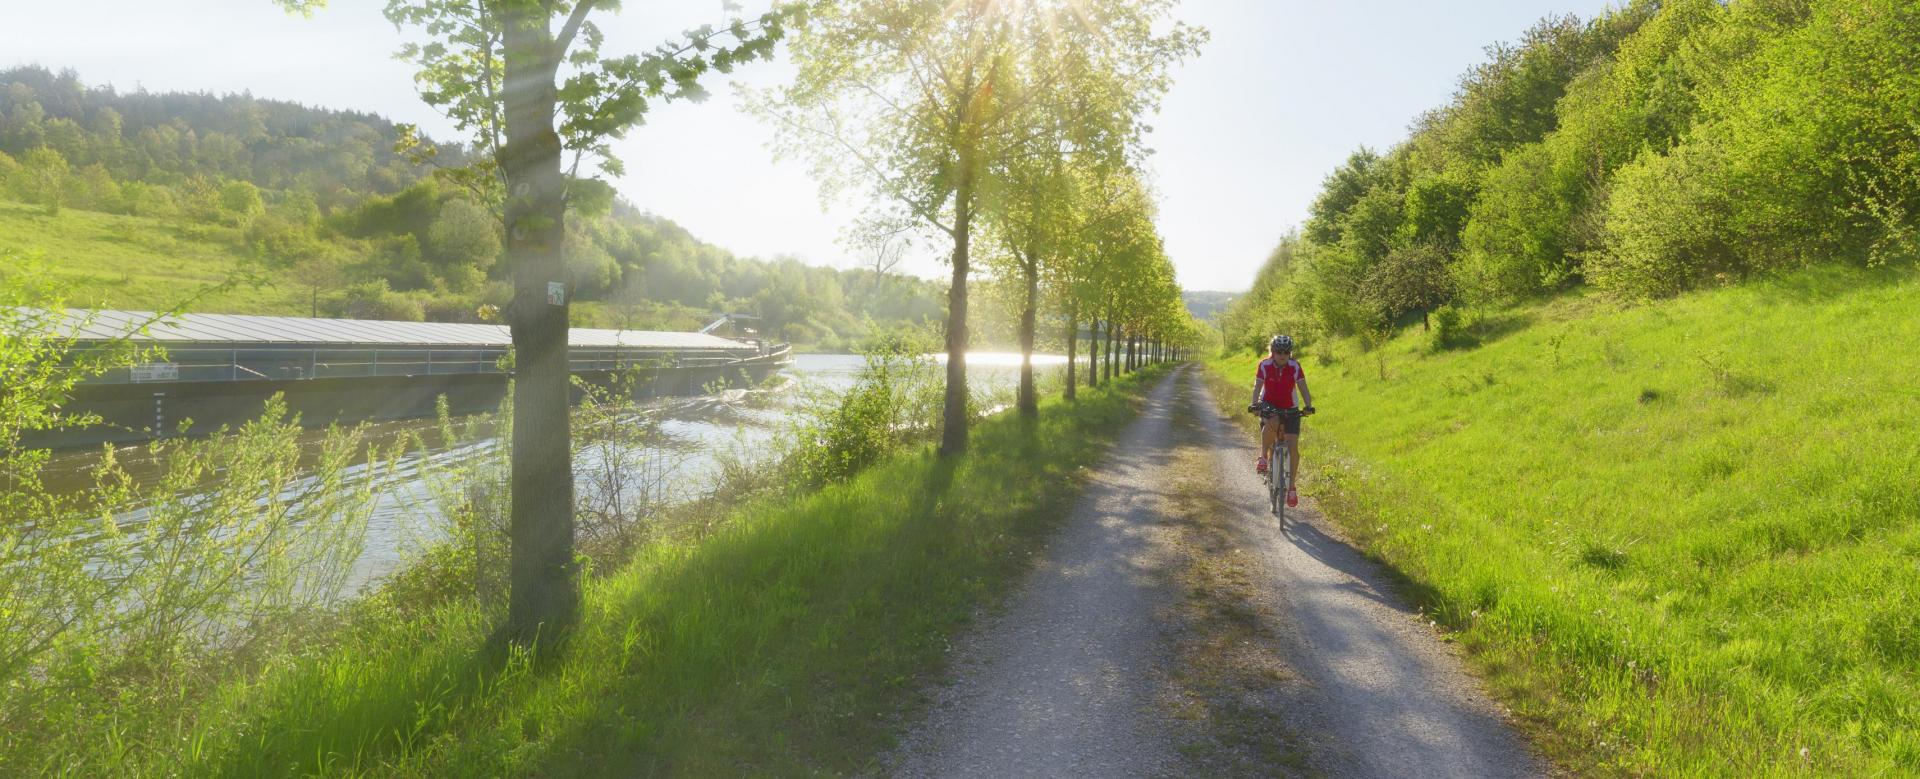 Voyage en véhicule Autriche : Le long du danube à vélo, de vienne à budapest